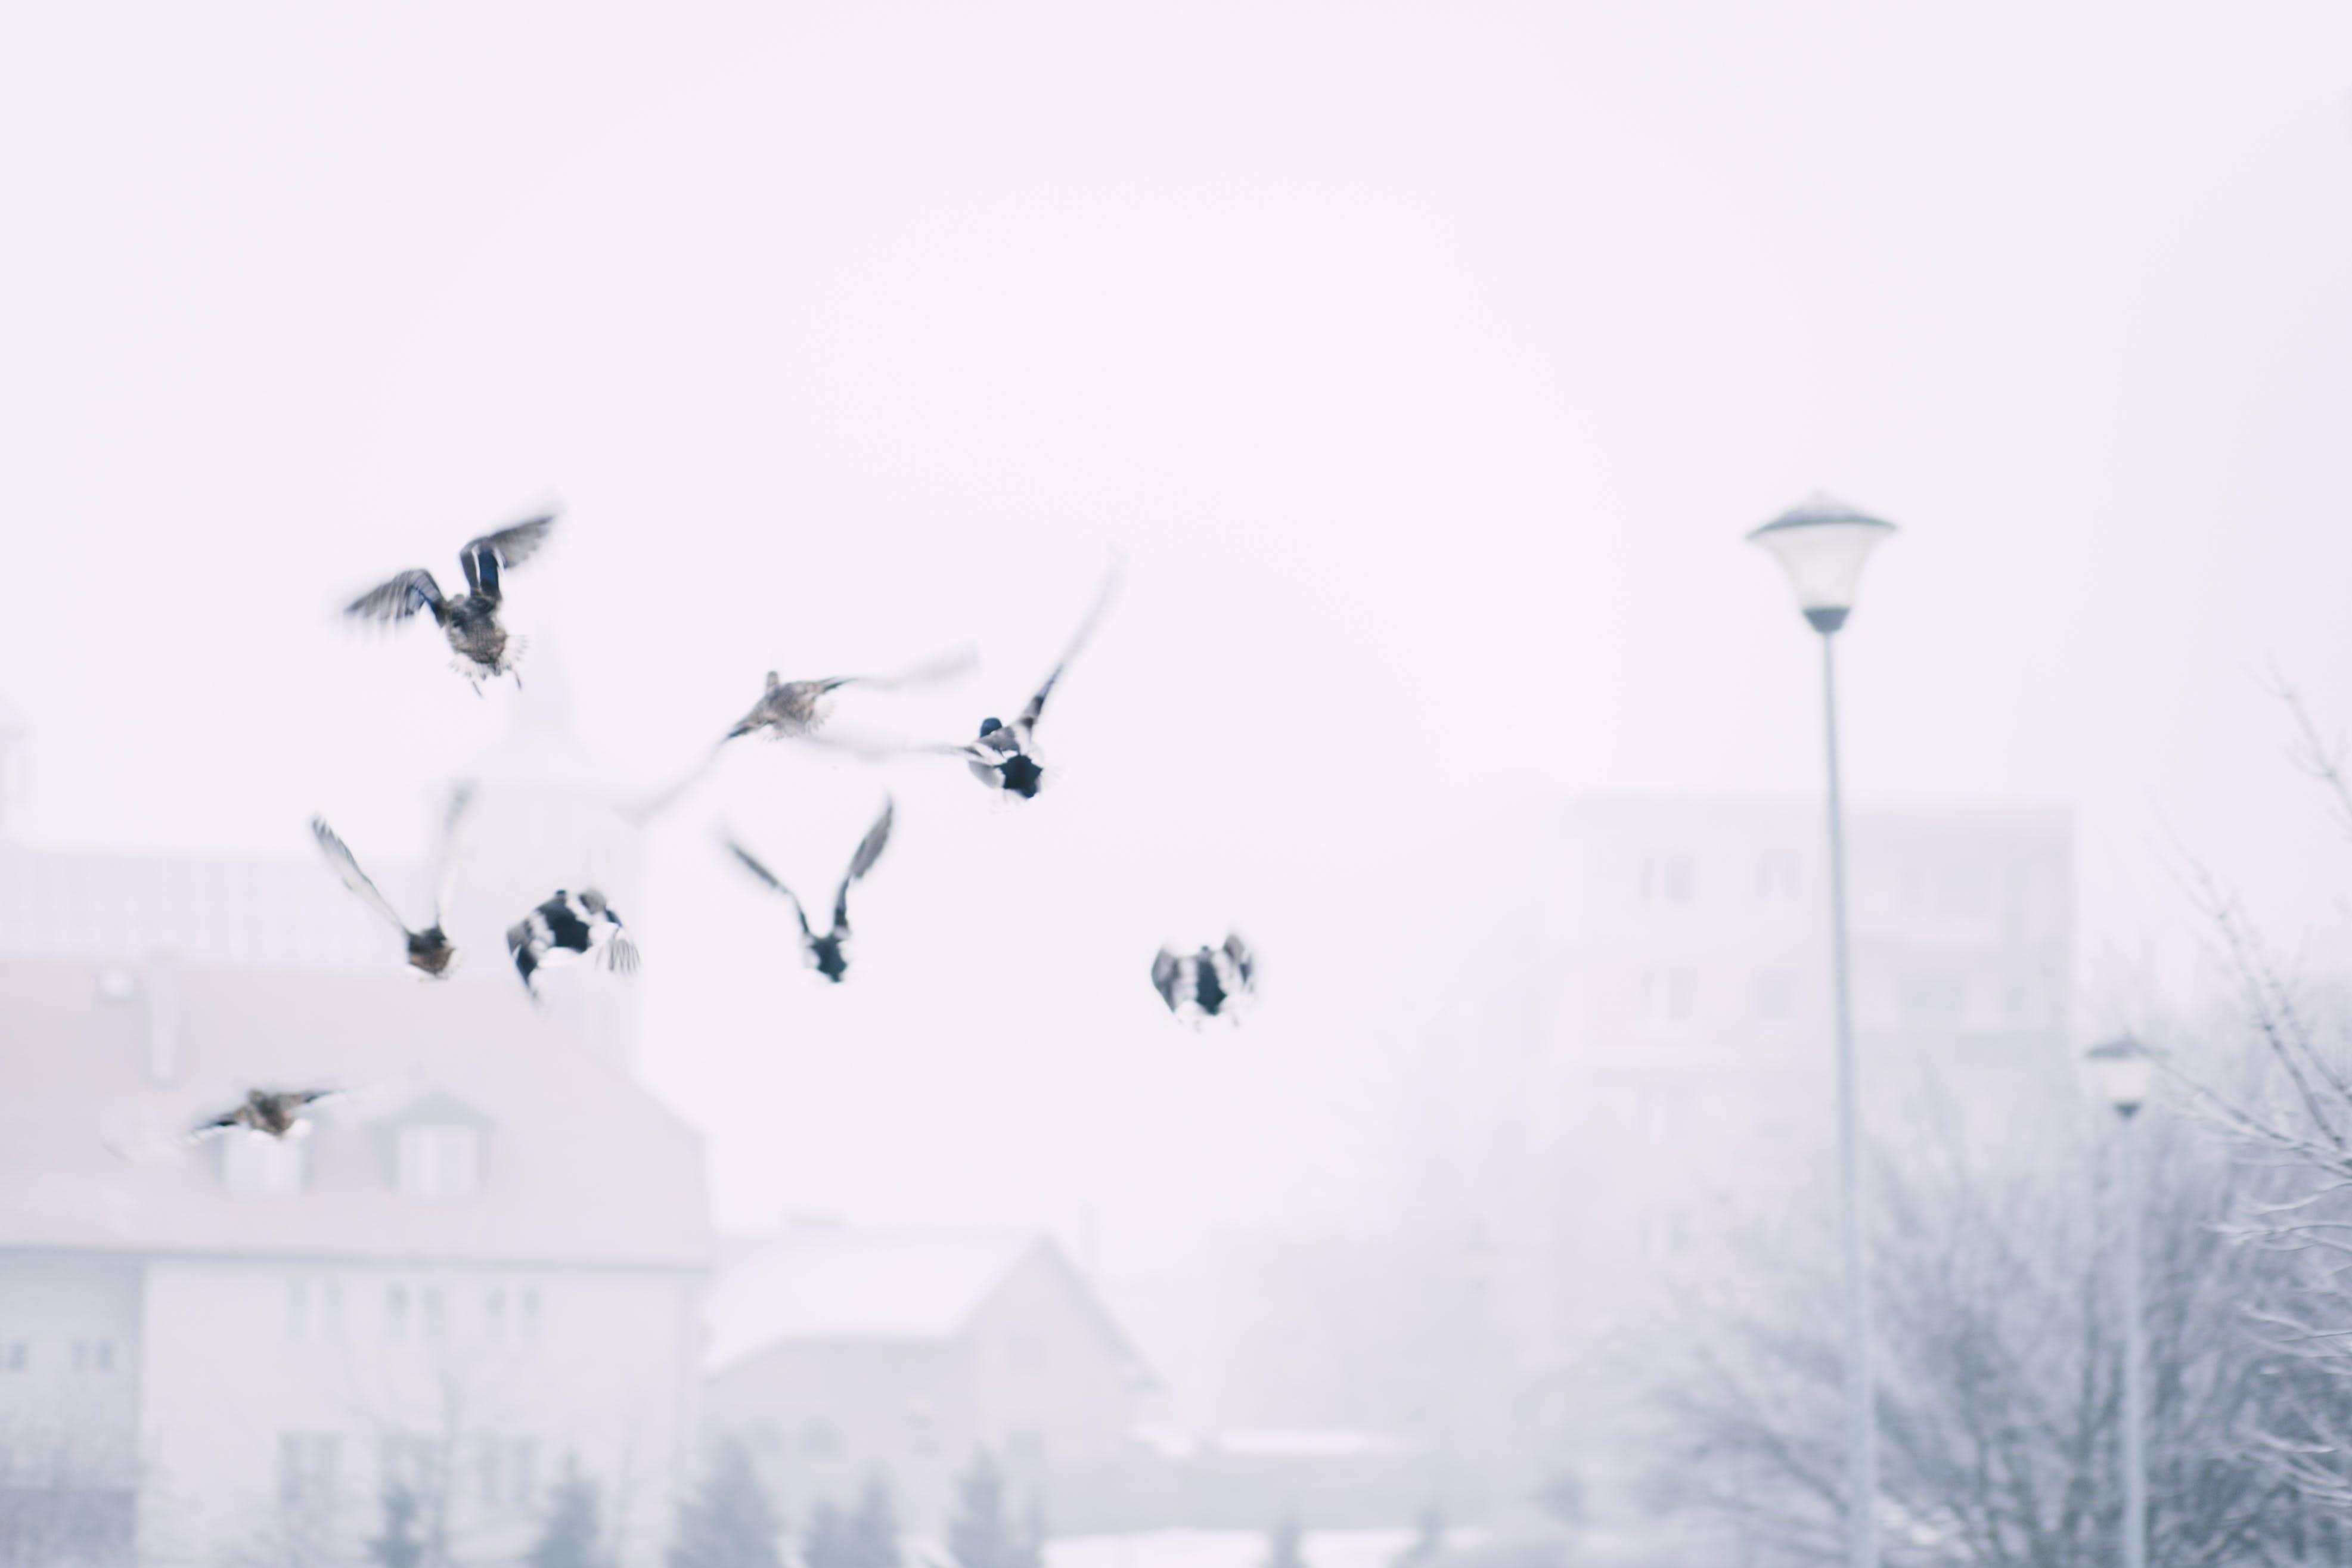 Kostenloses Stock Foto zu action, bewegung, draußen, fliegen